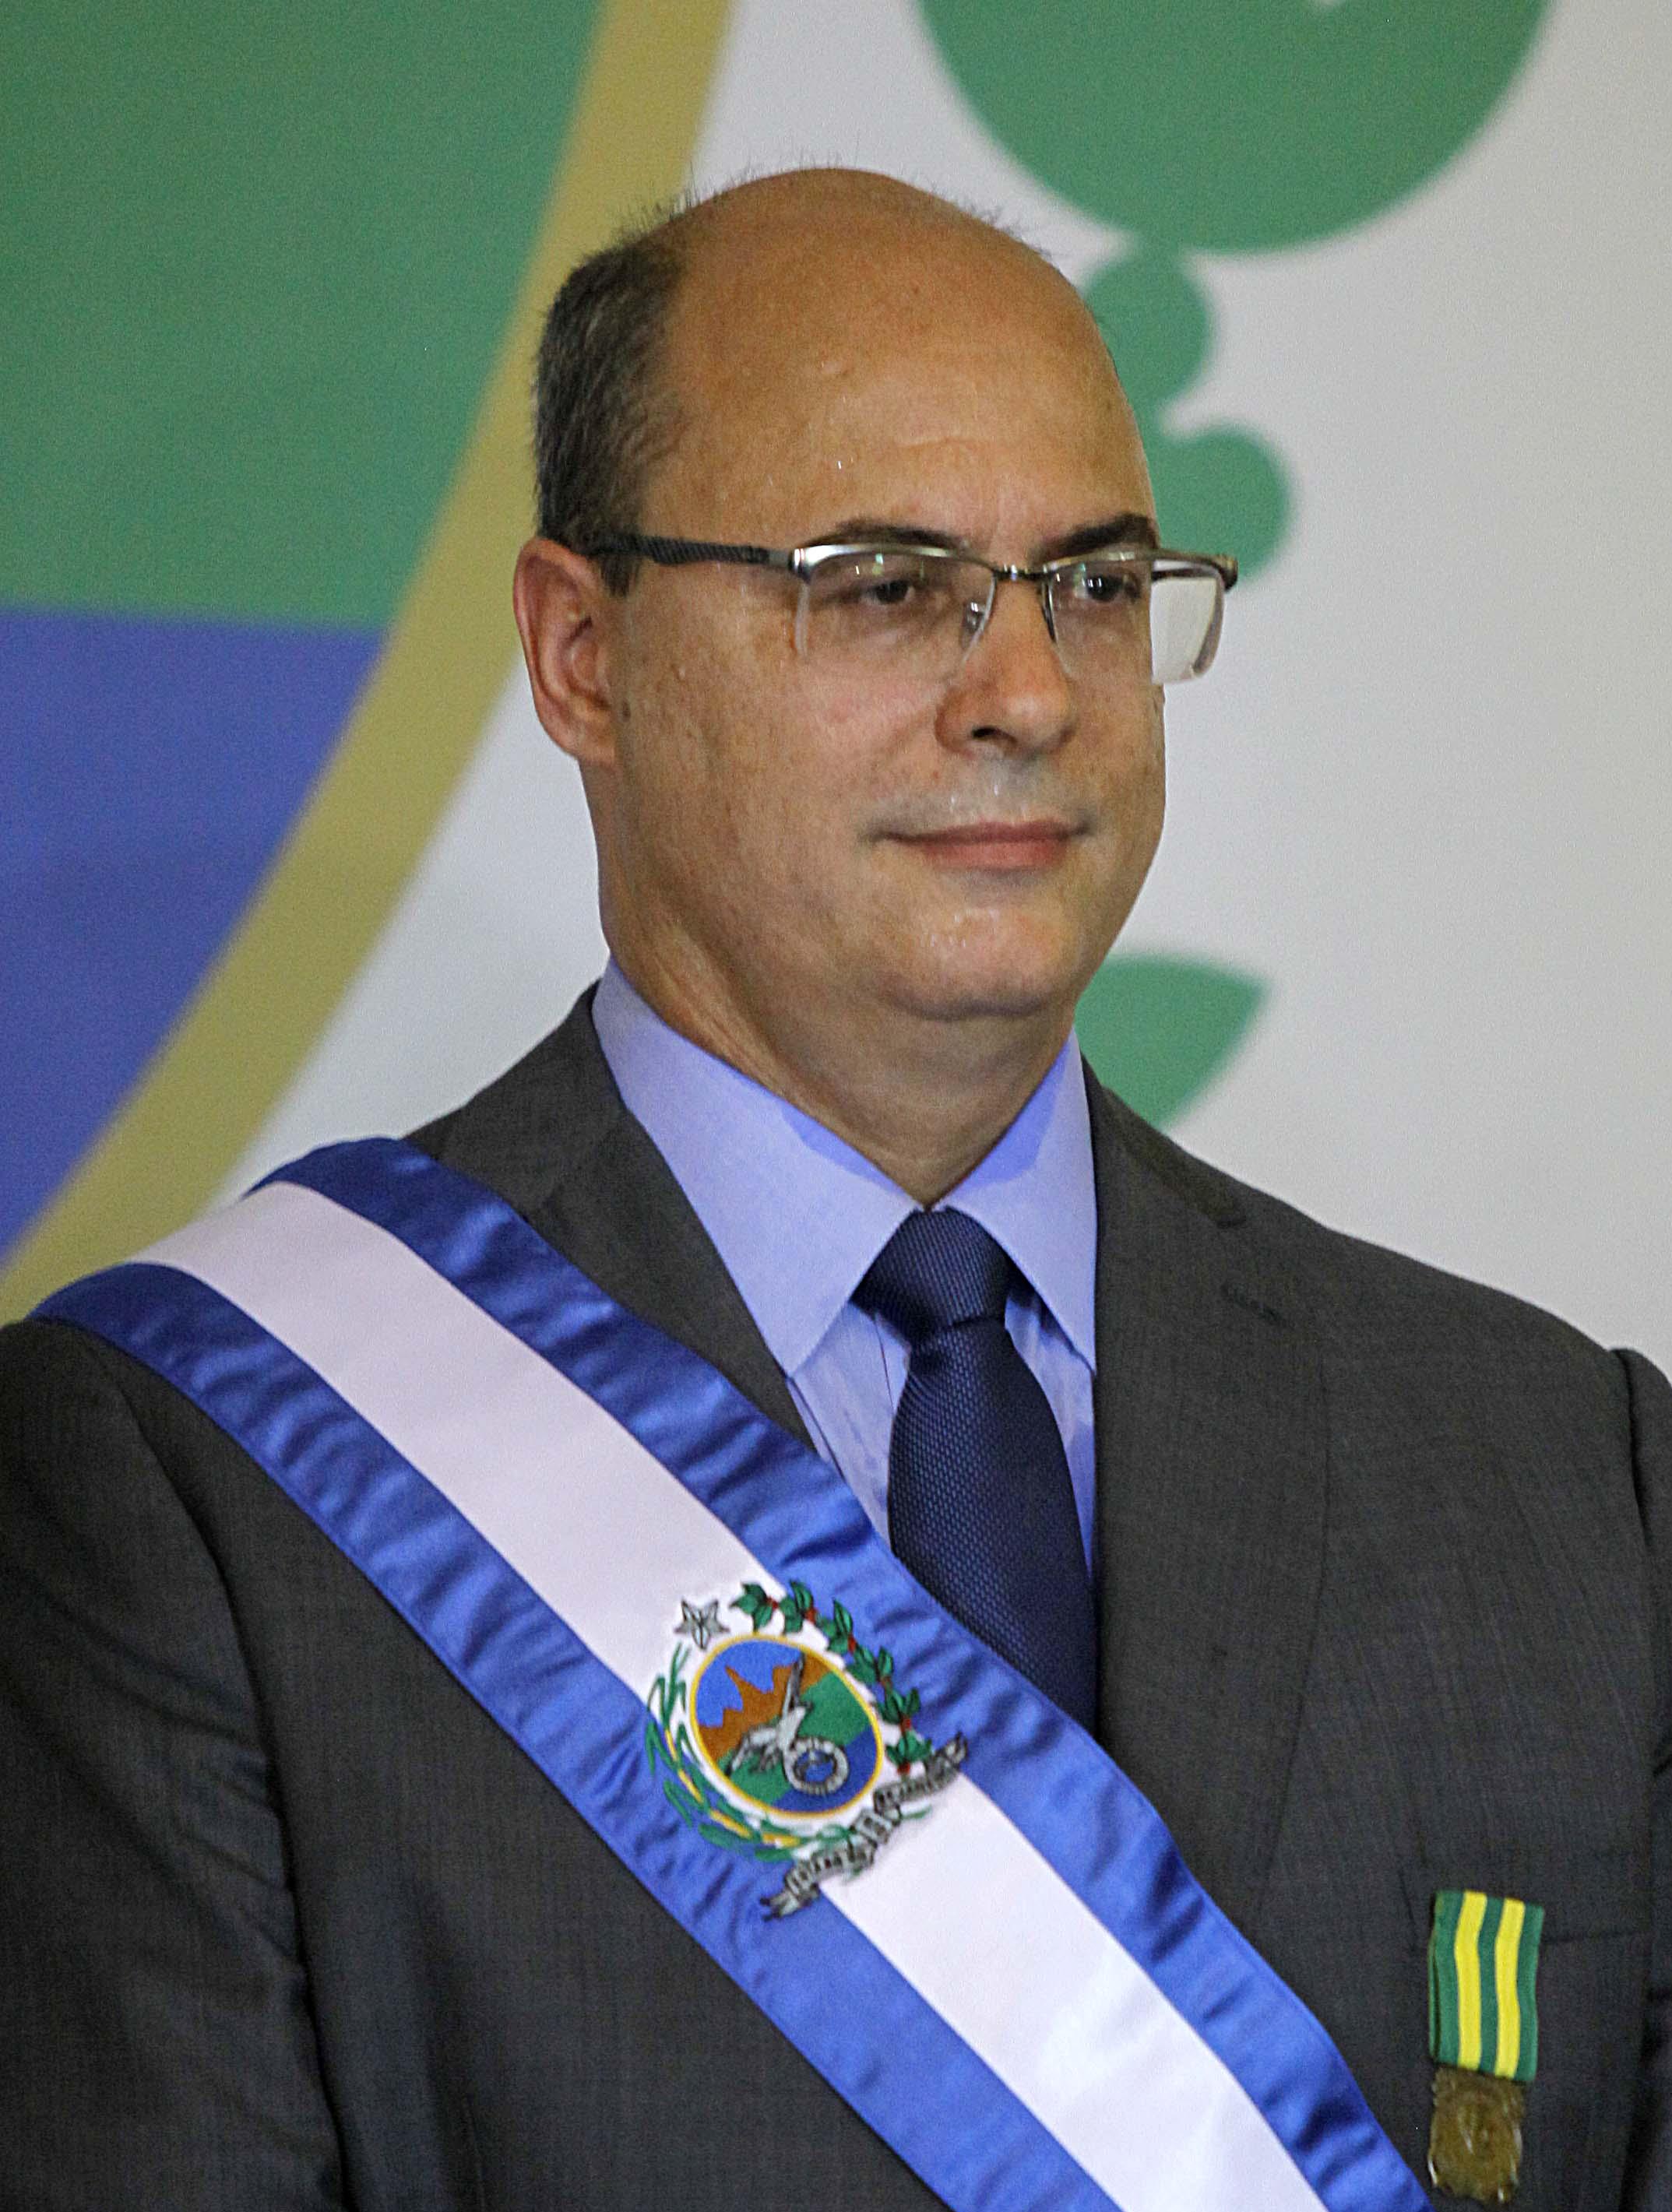 Polícia Federal lança operação contra desvios na saúde no Rio de Janeiro que envolveriam governador